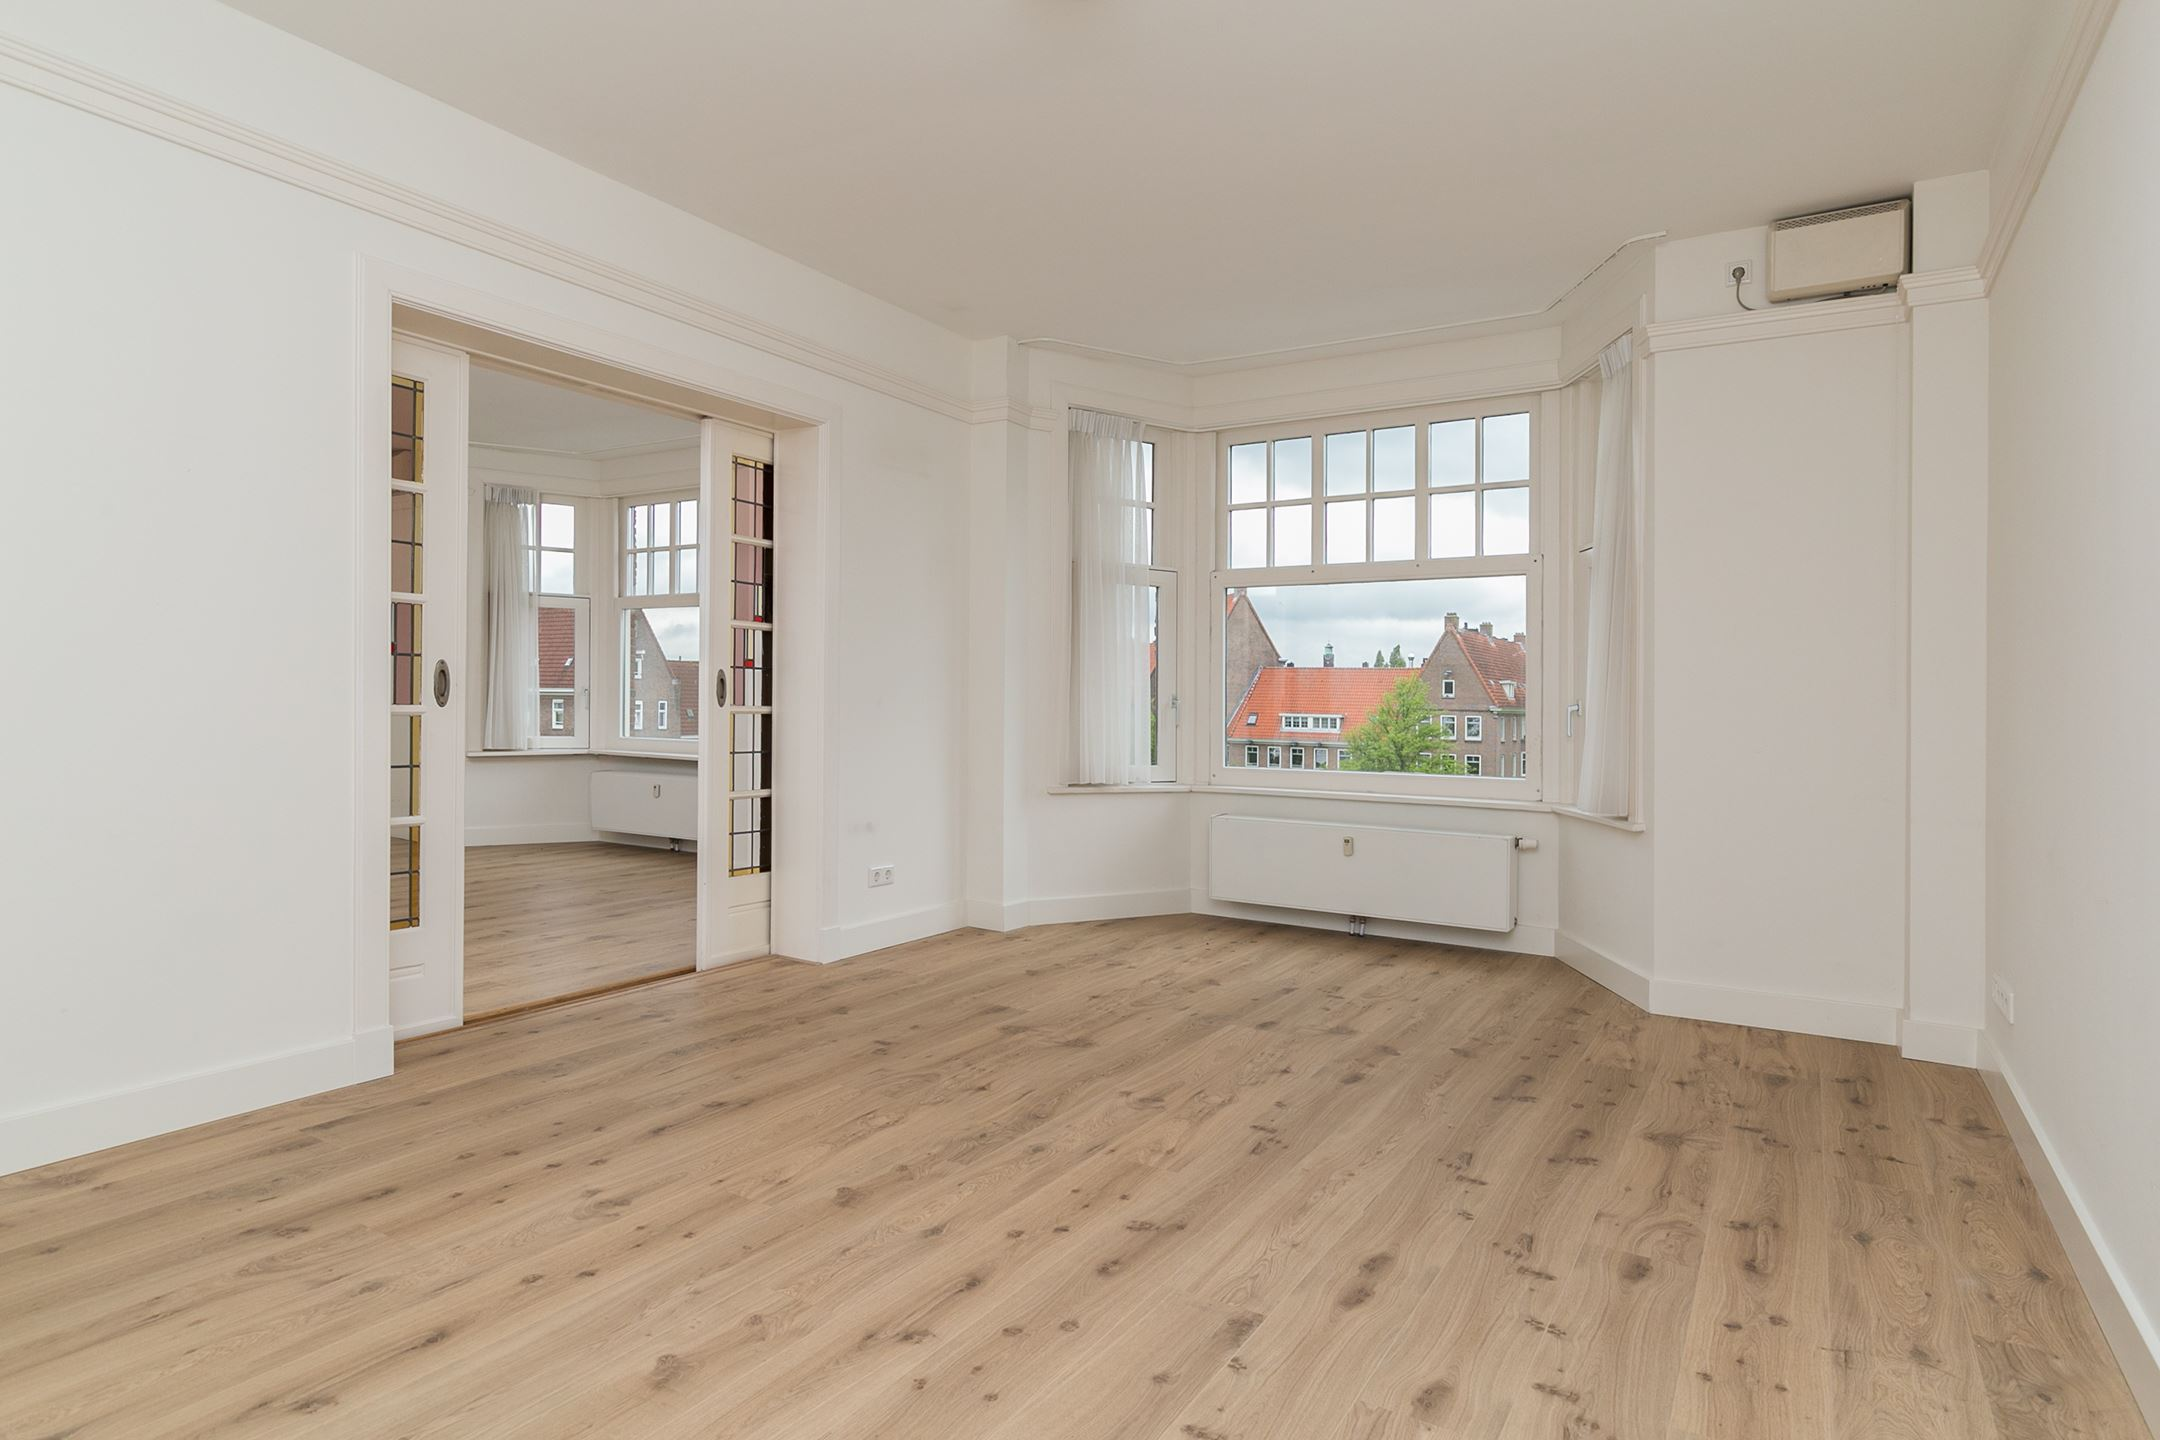 appartementen te huur in amsterdam [funda], Deco ideeën